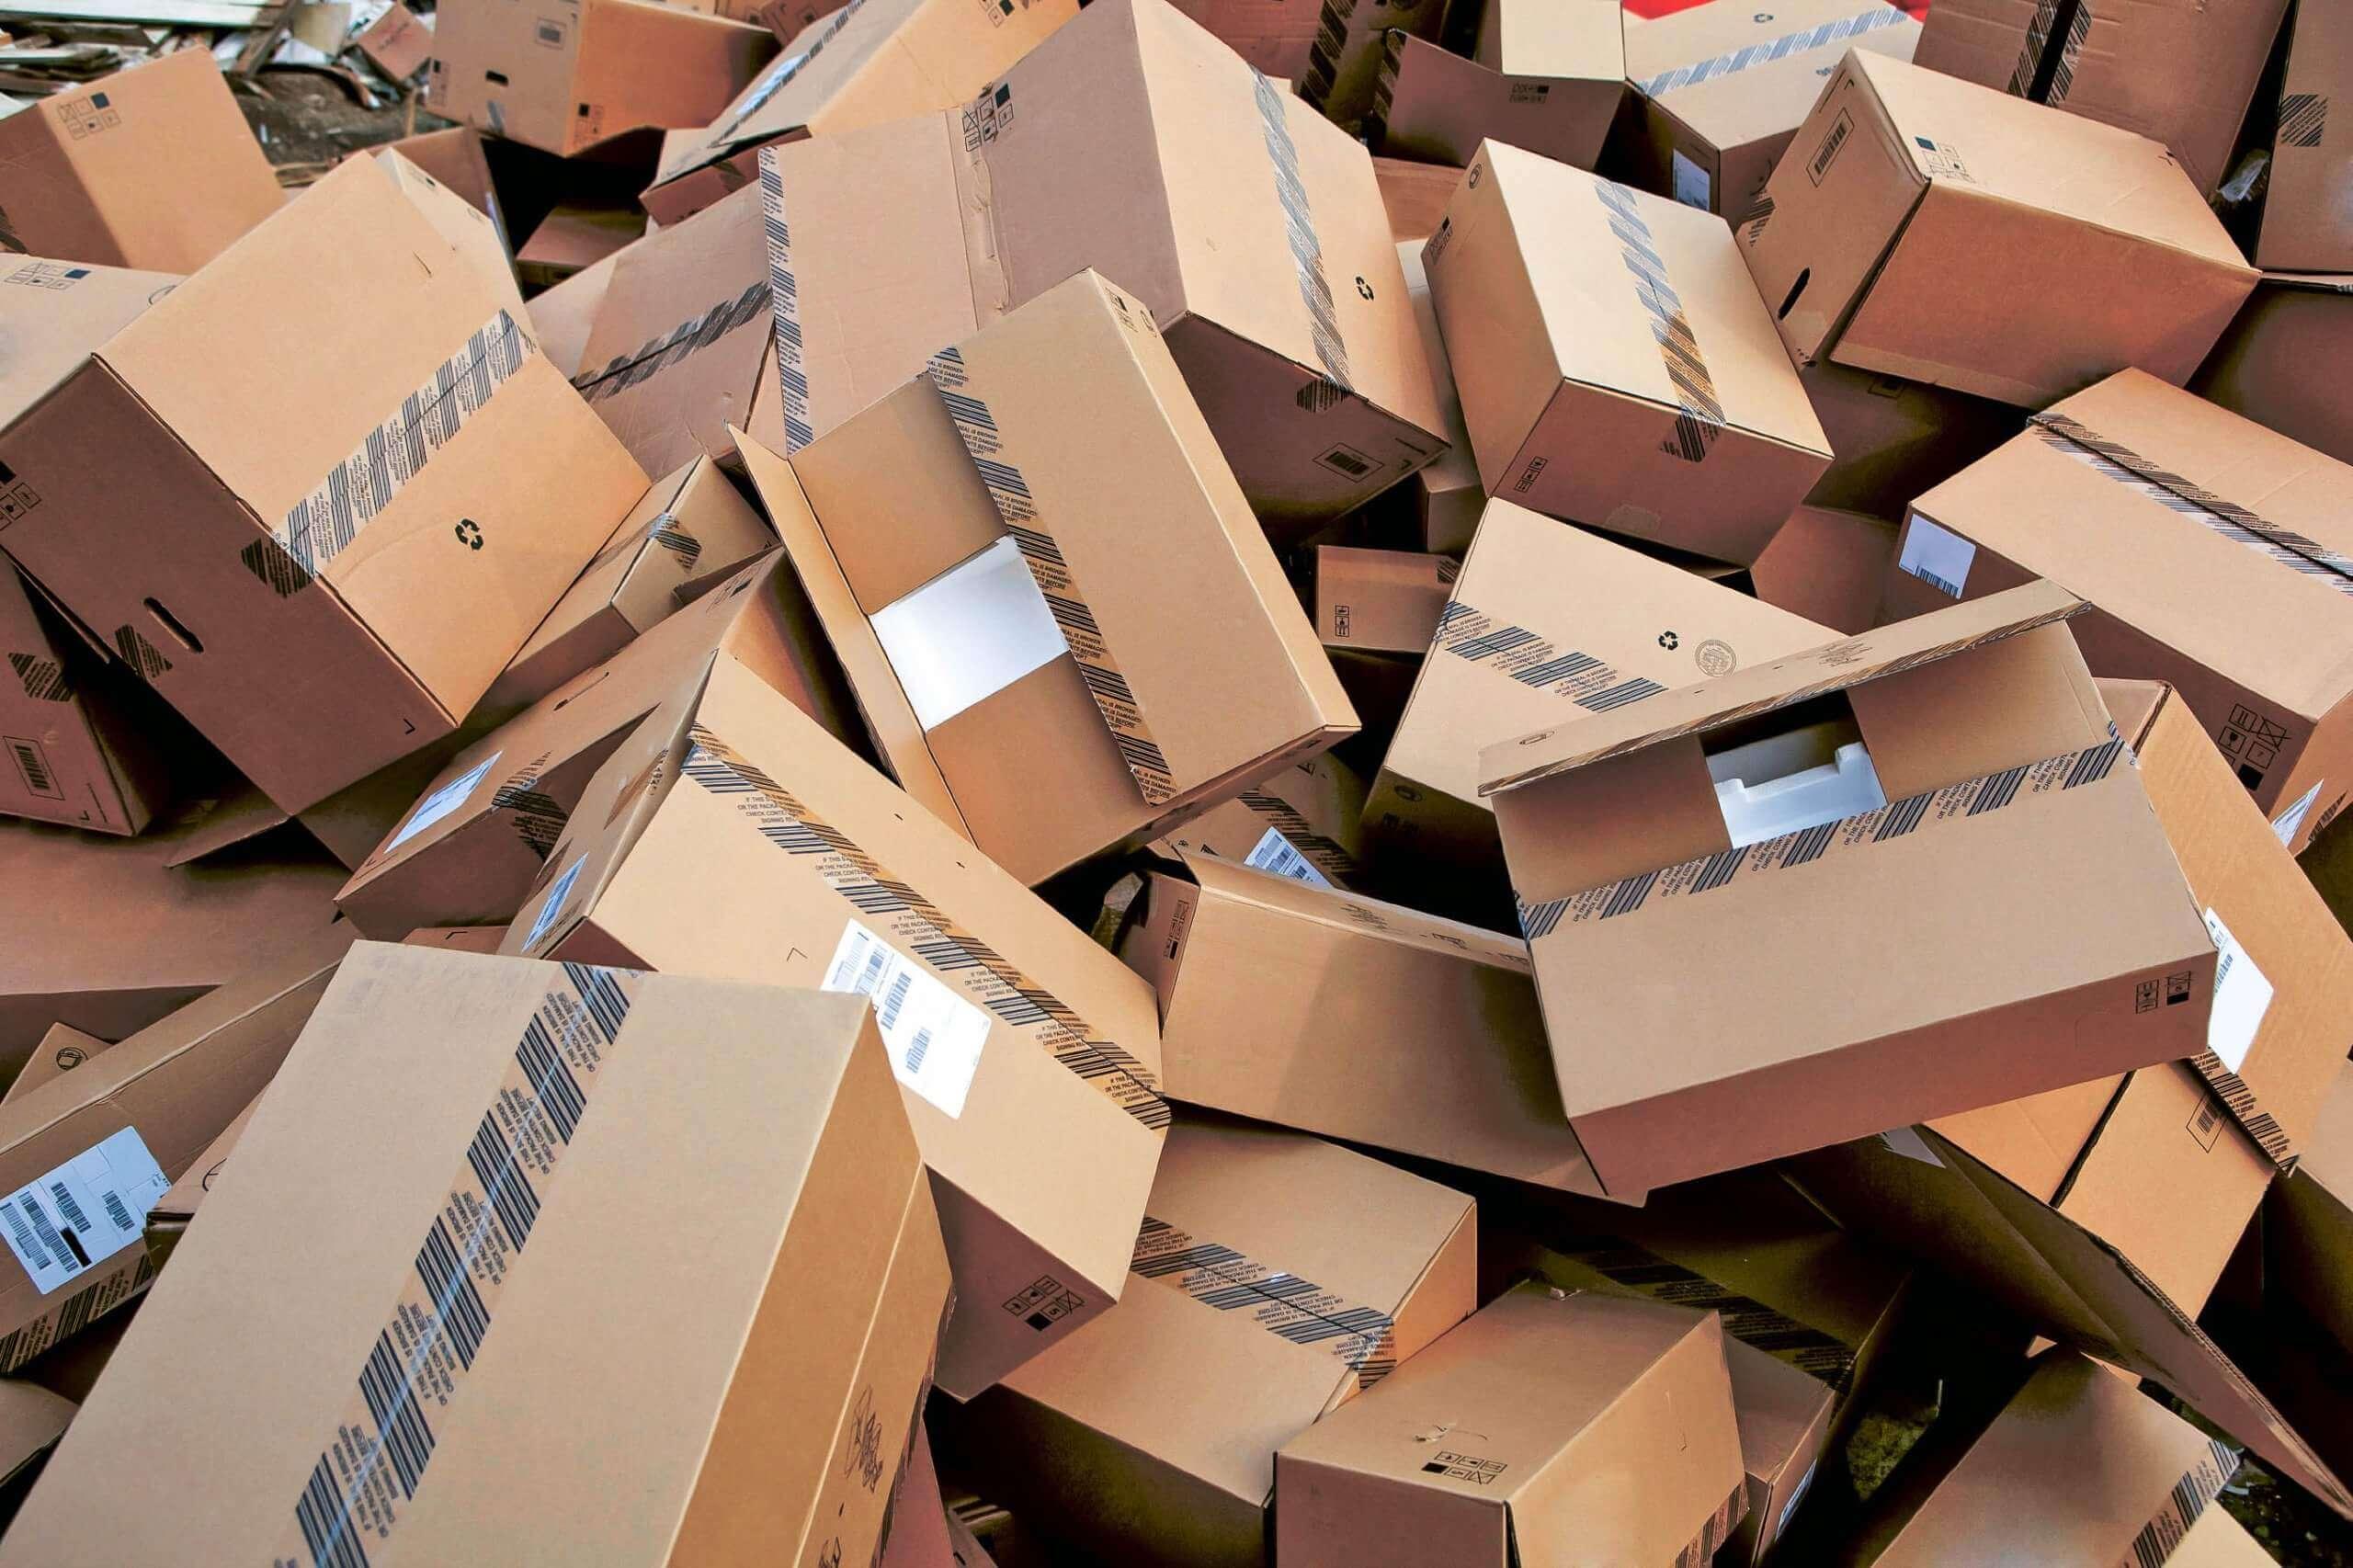 Versandkartons müssen auch zerkleinert werden, um wiederverwertet werden zu können.